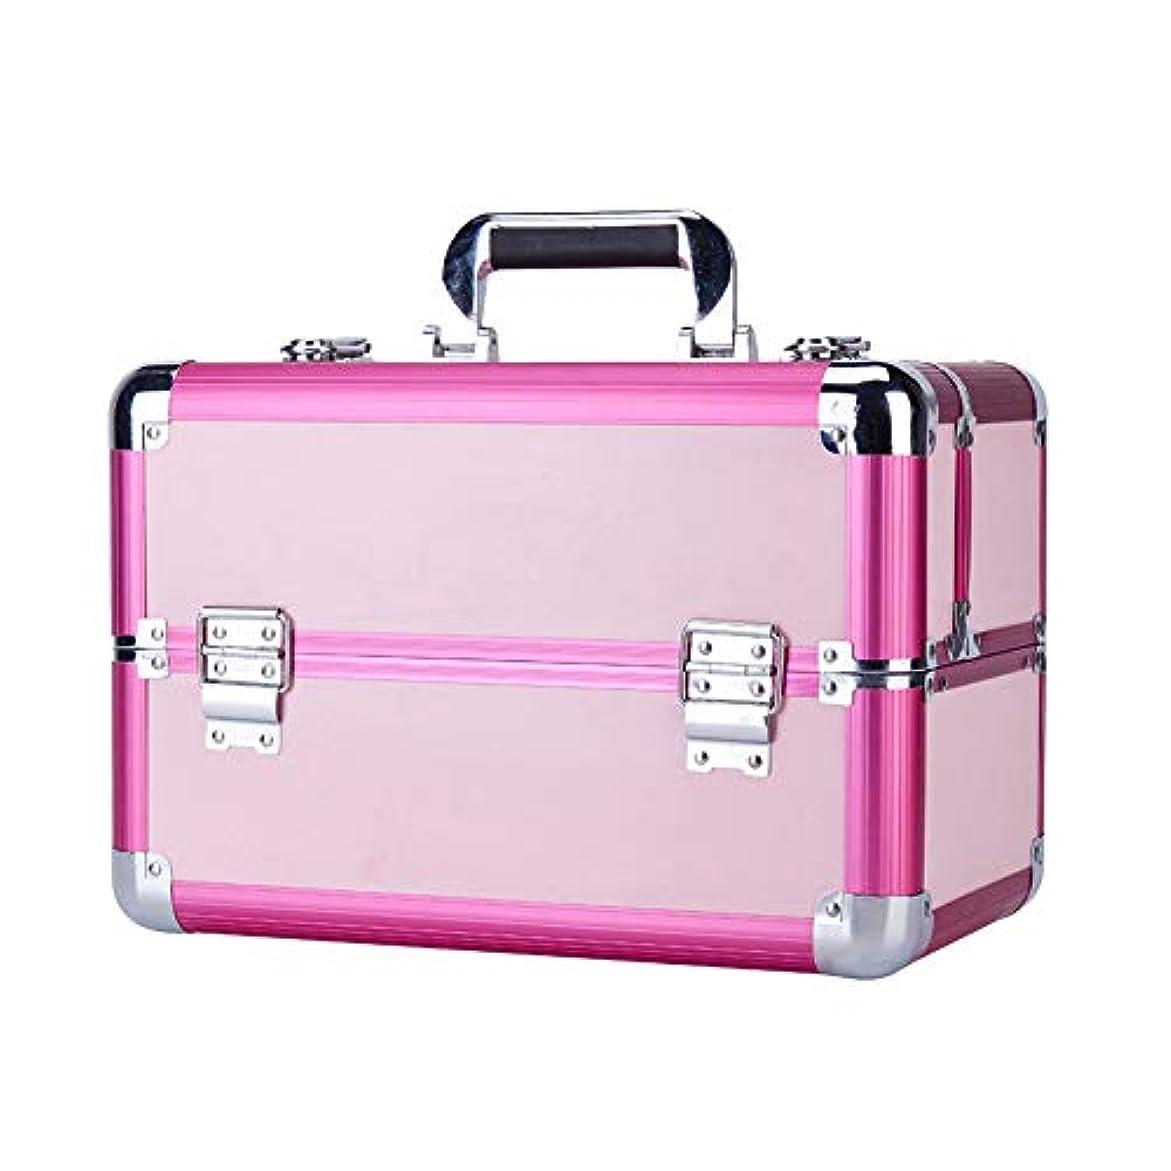 ディーラーたるみ騒ぎ特大スペース収納ビューティーボックス 美の構造のためそしてジッパーおよび折る皿が付いている女の子の女性旅行そして毎日の貯蔵のための高容量の携帯用化粧品袋 化粧品化粧台 (色 : ピンク)